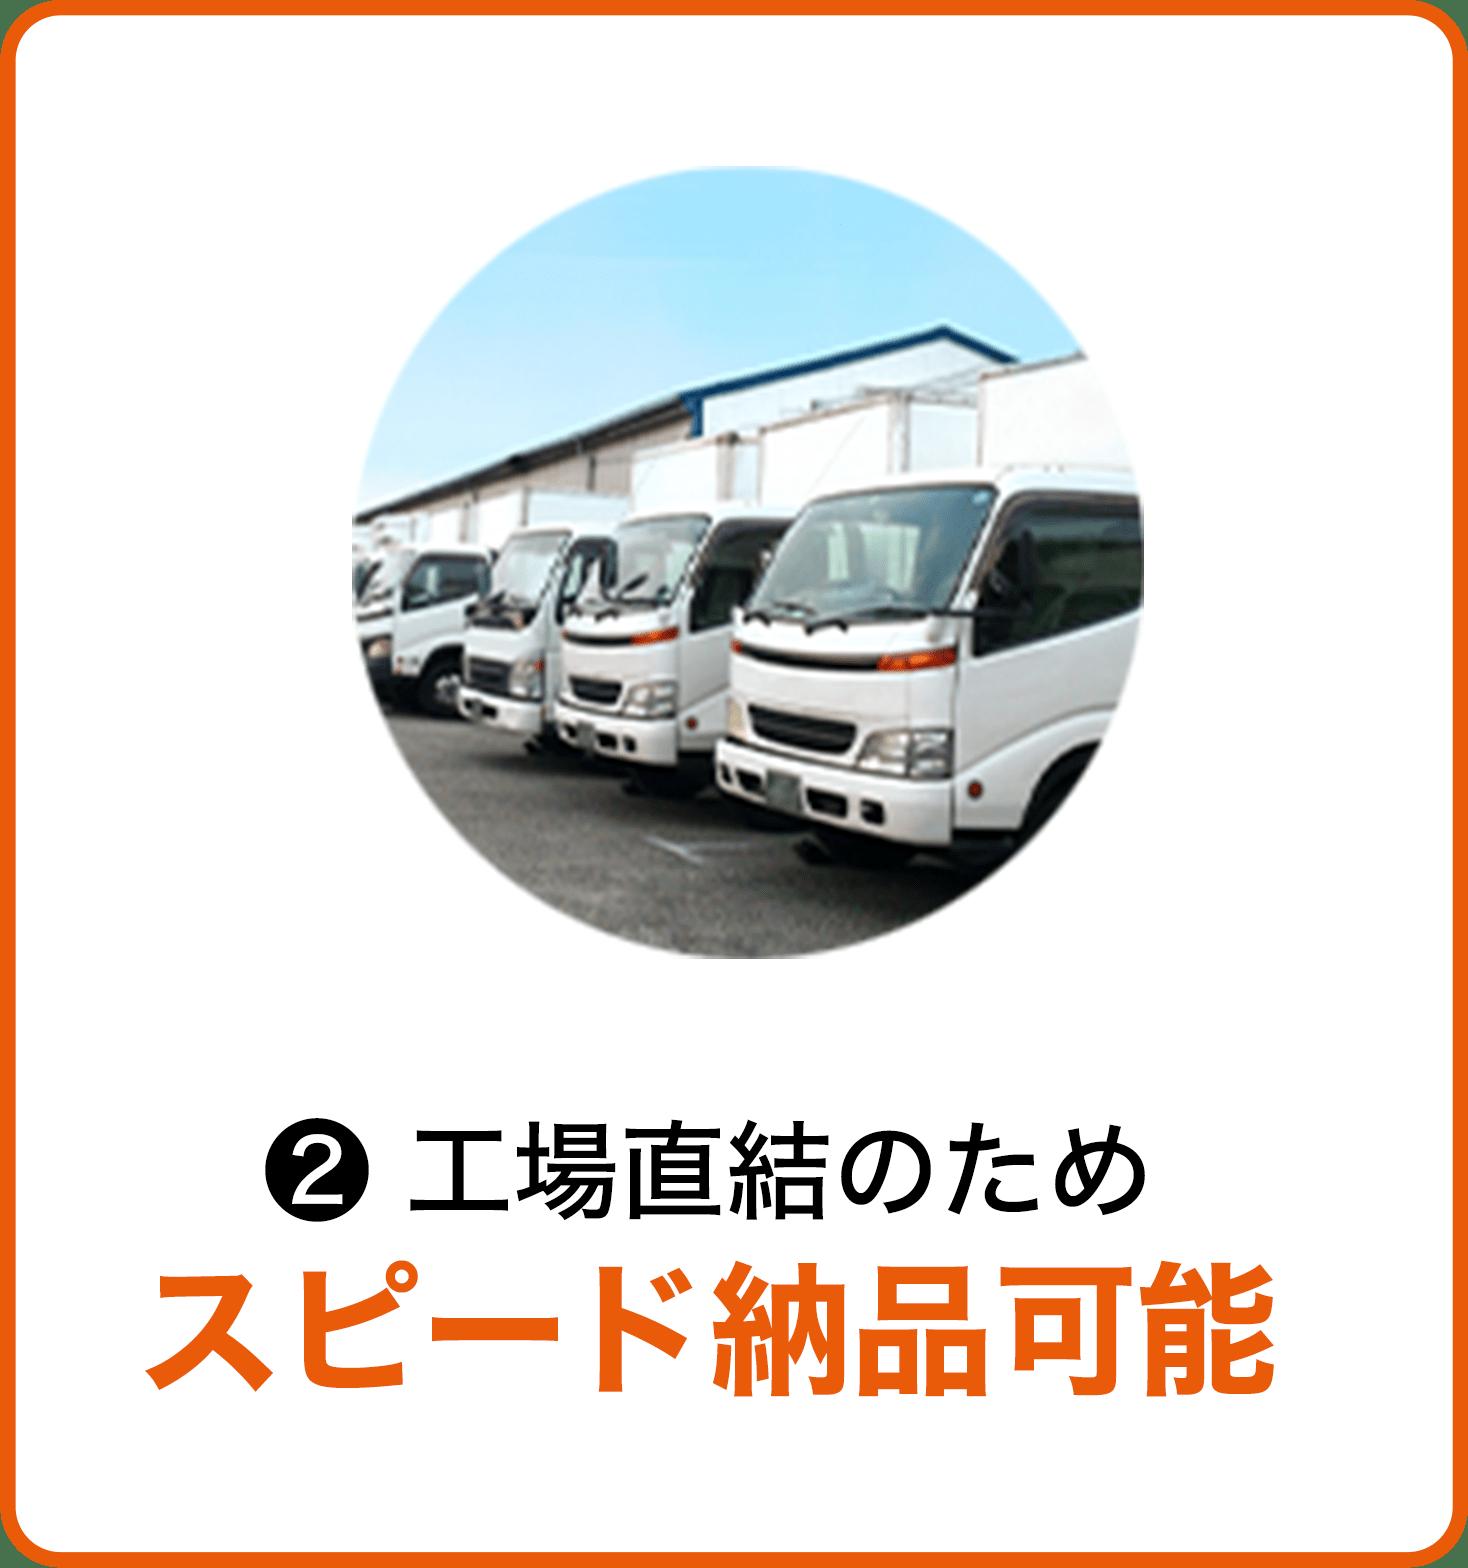 ② 工場直結のためスピード納品可能